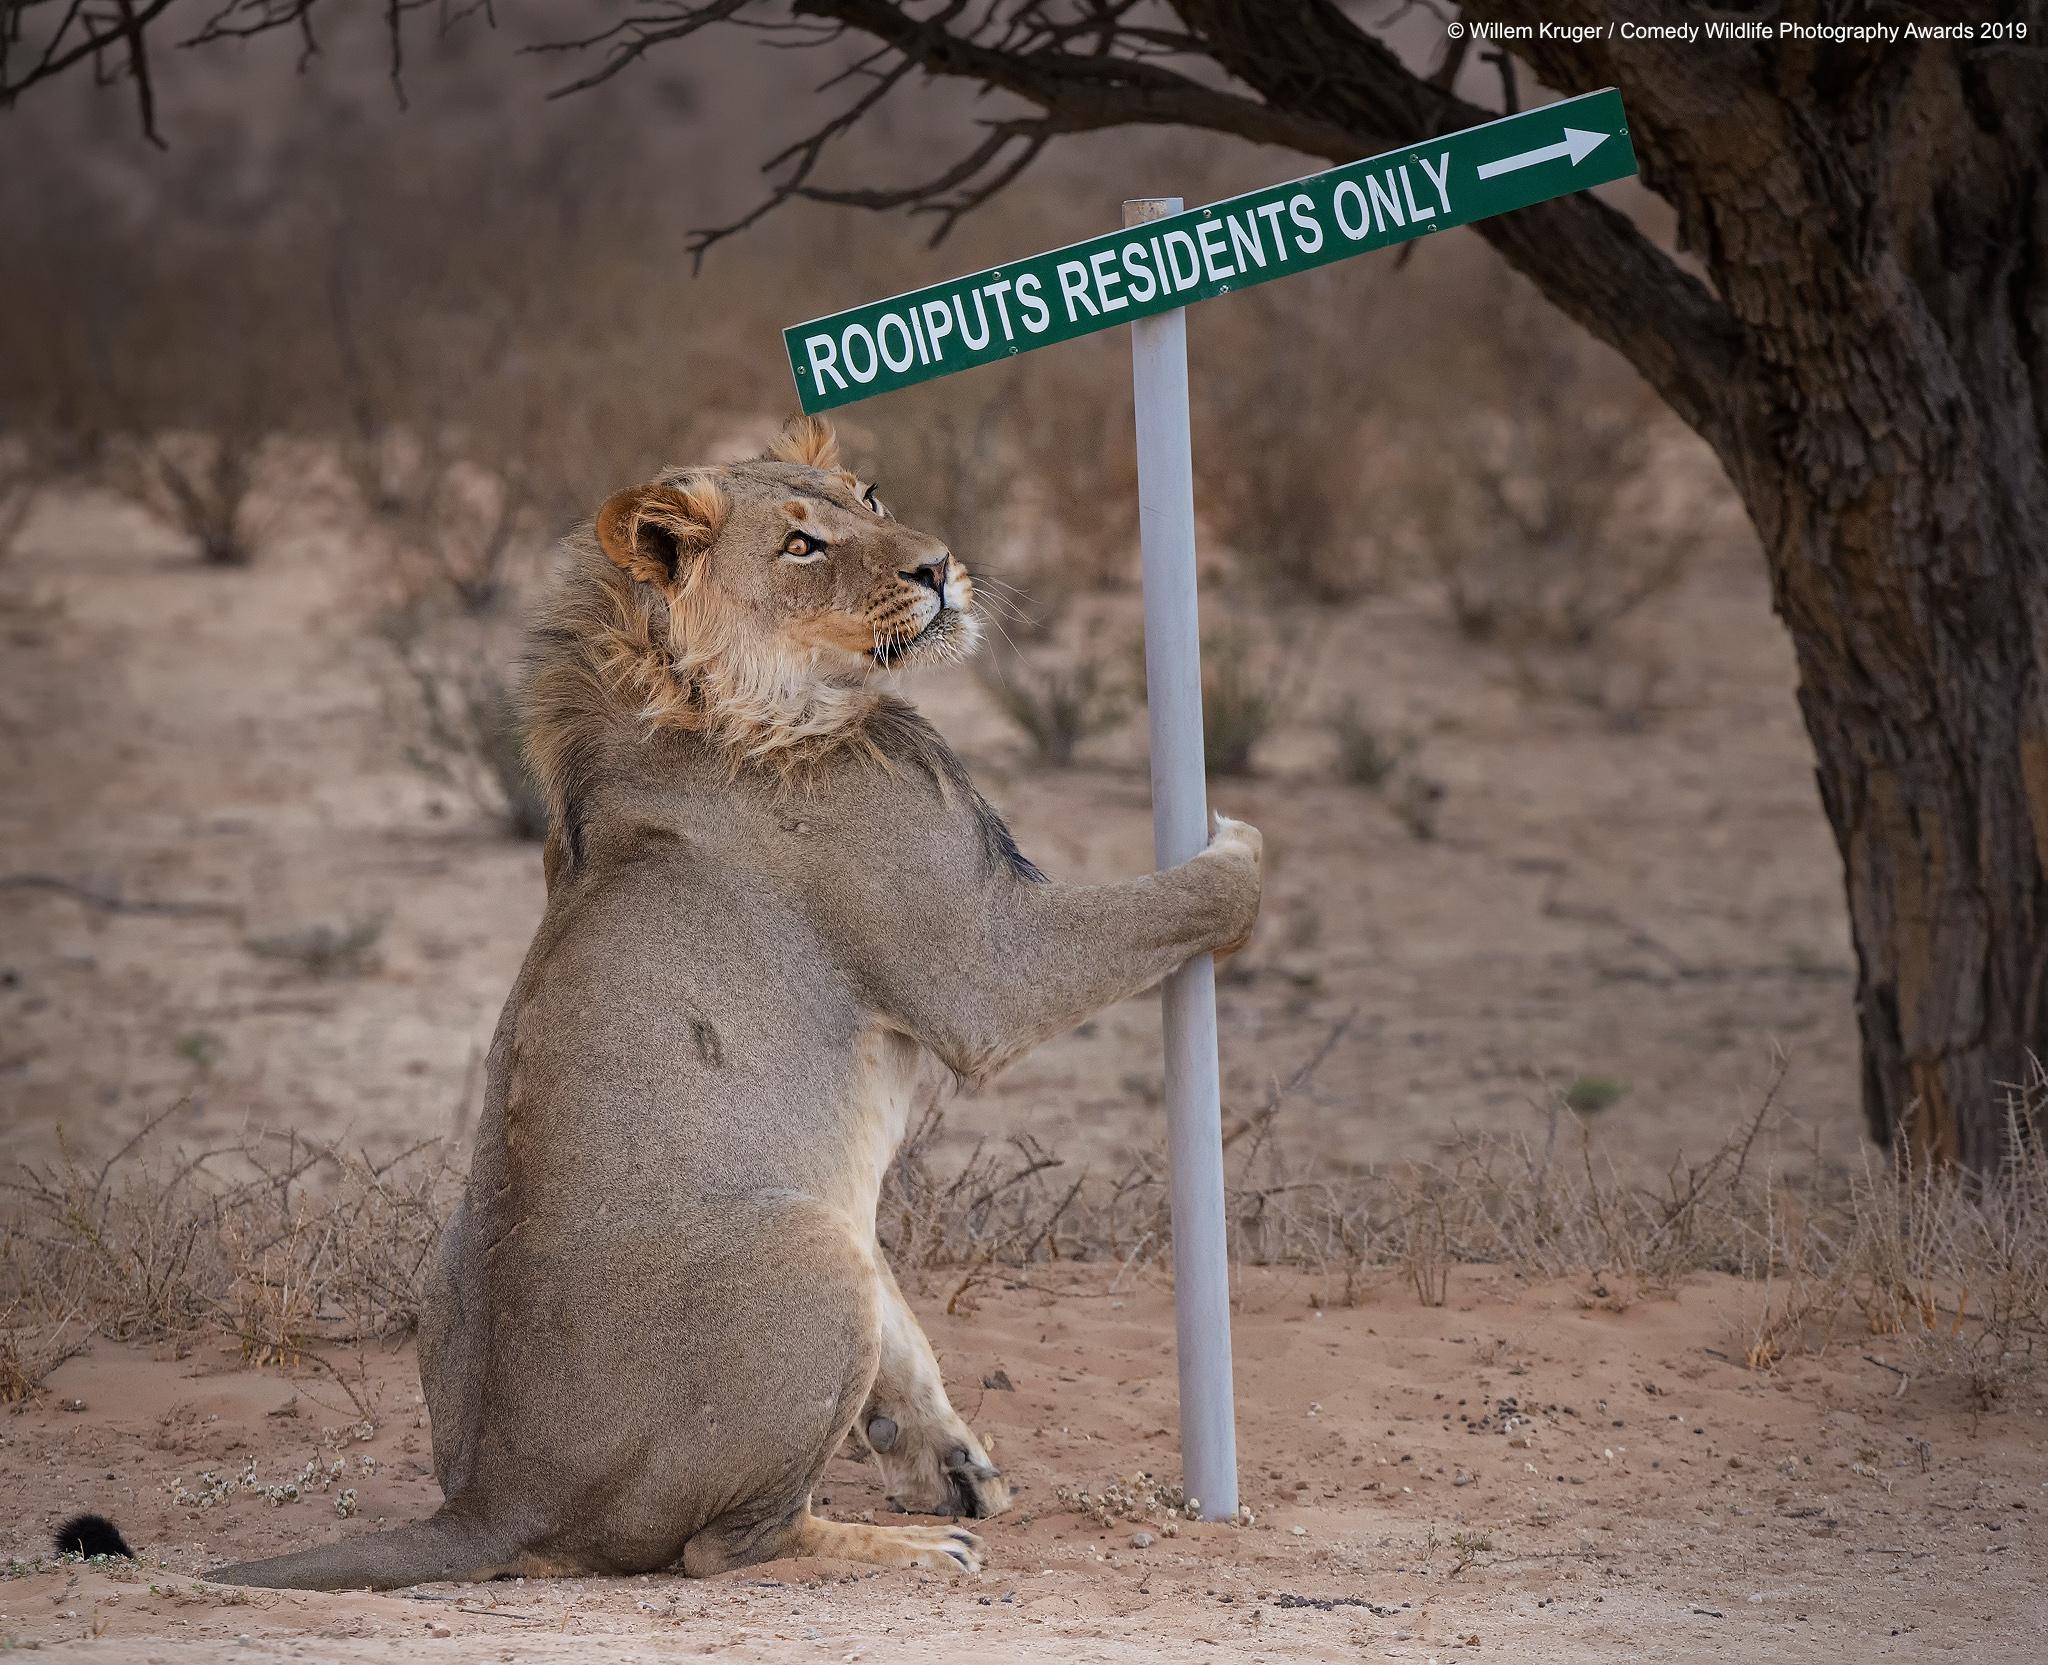 Nismo sigurni što lav namjerava s tim putokazom, snima Willem Kruger